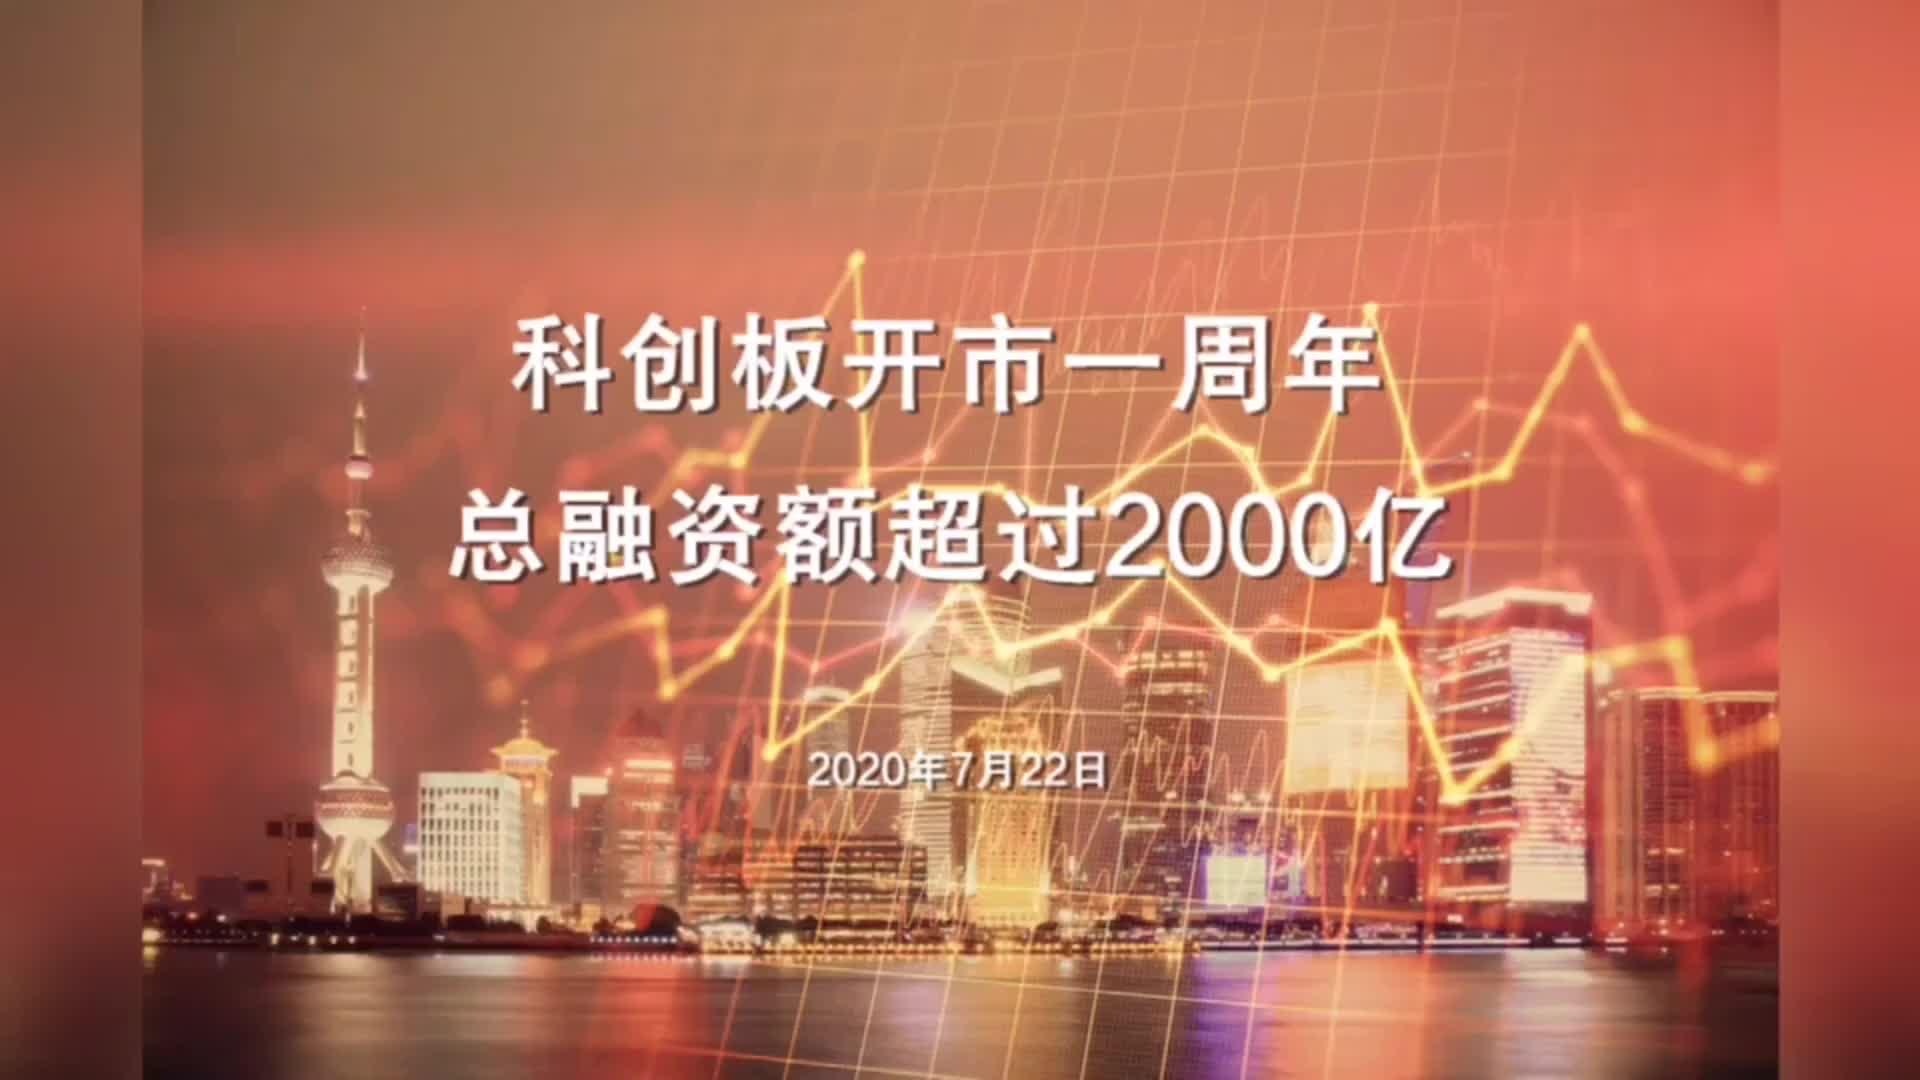 科创板开市一周年 总融资额超过2000亿